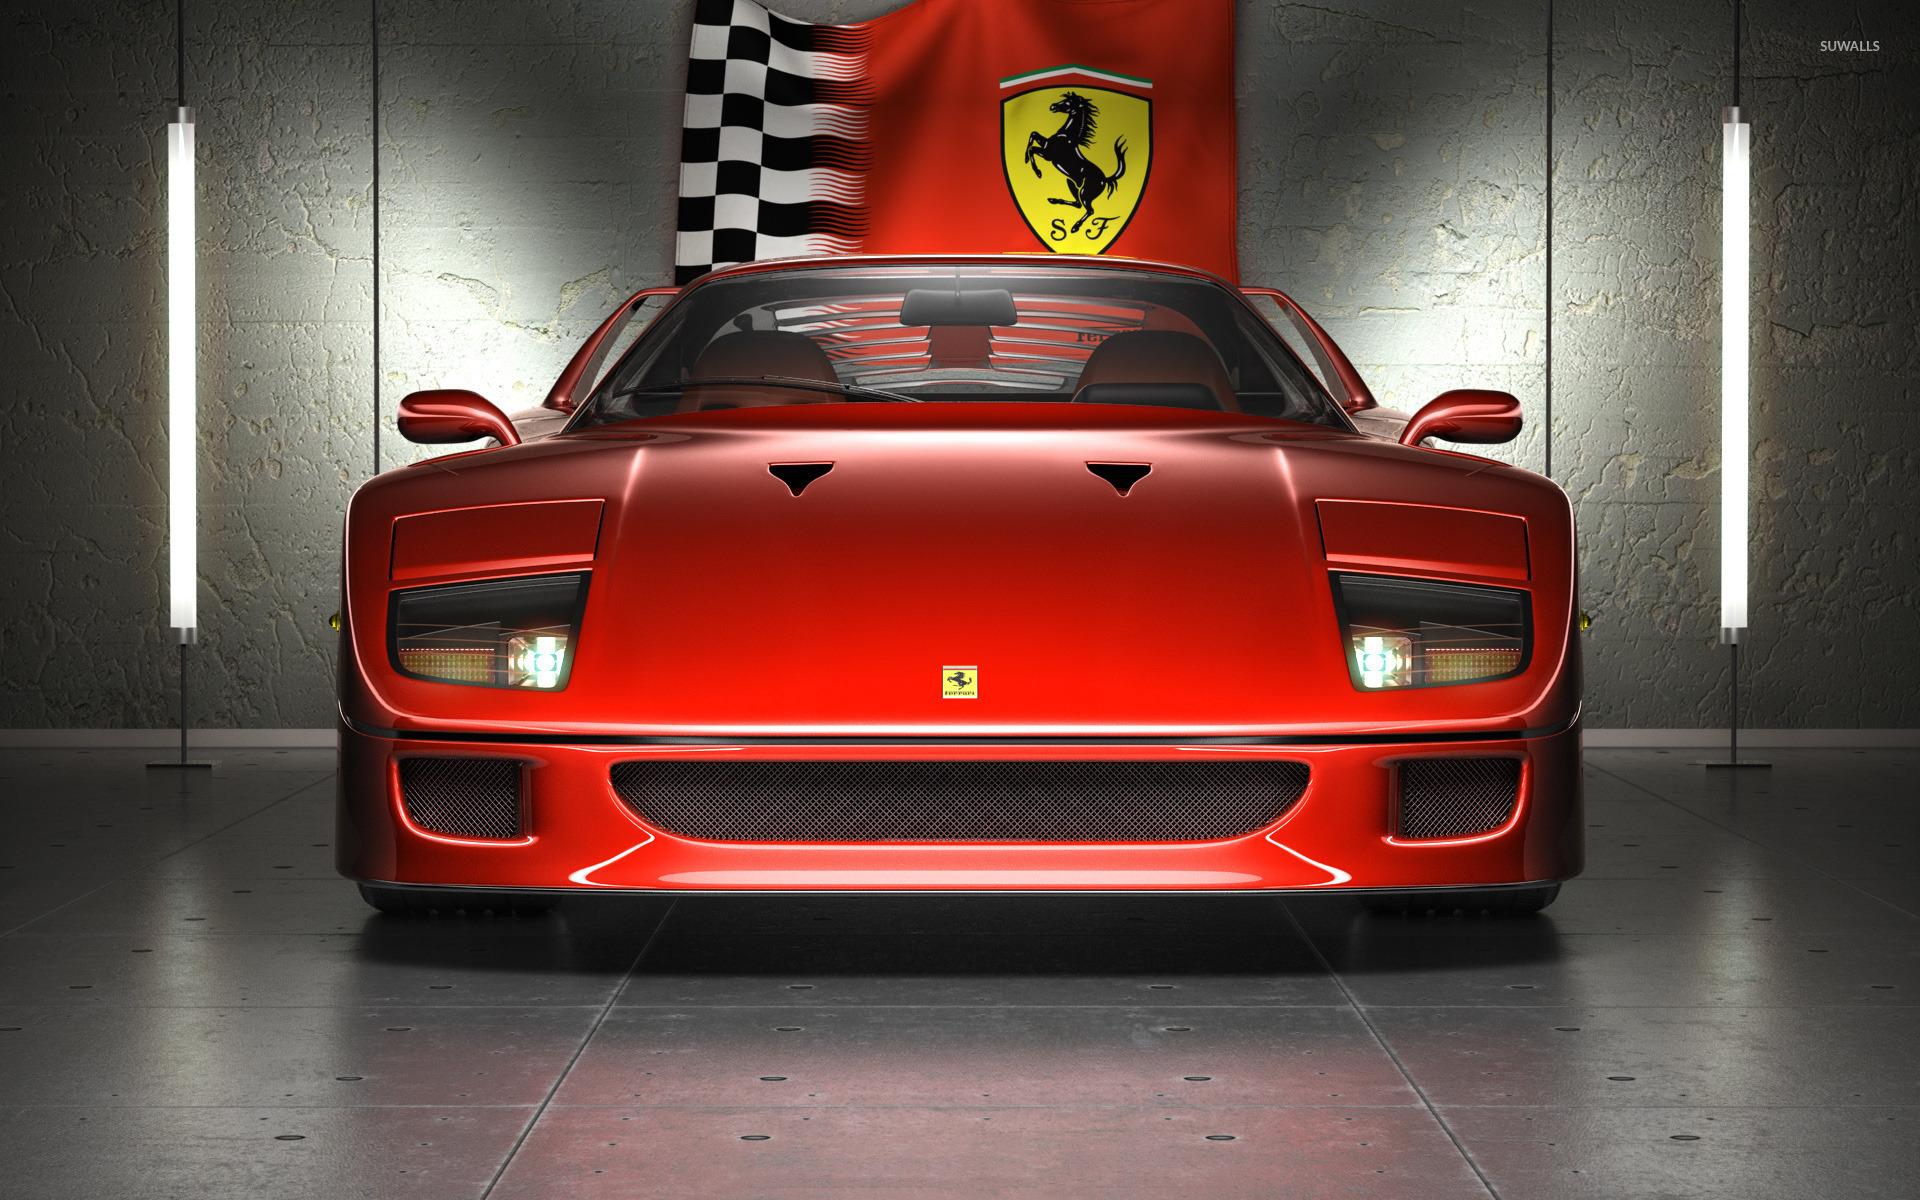 Ferrari F40 2 Wallpaper Car Wallpapers 45849